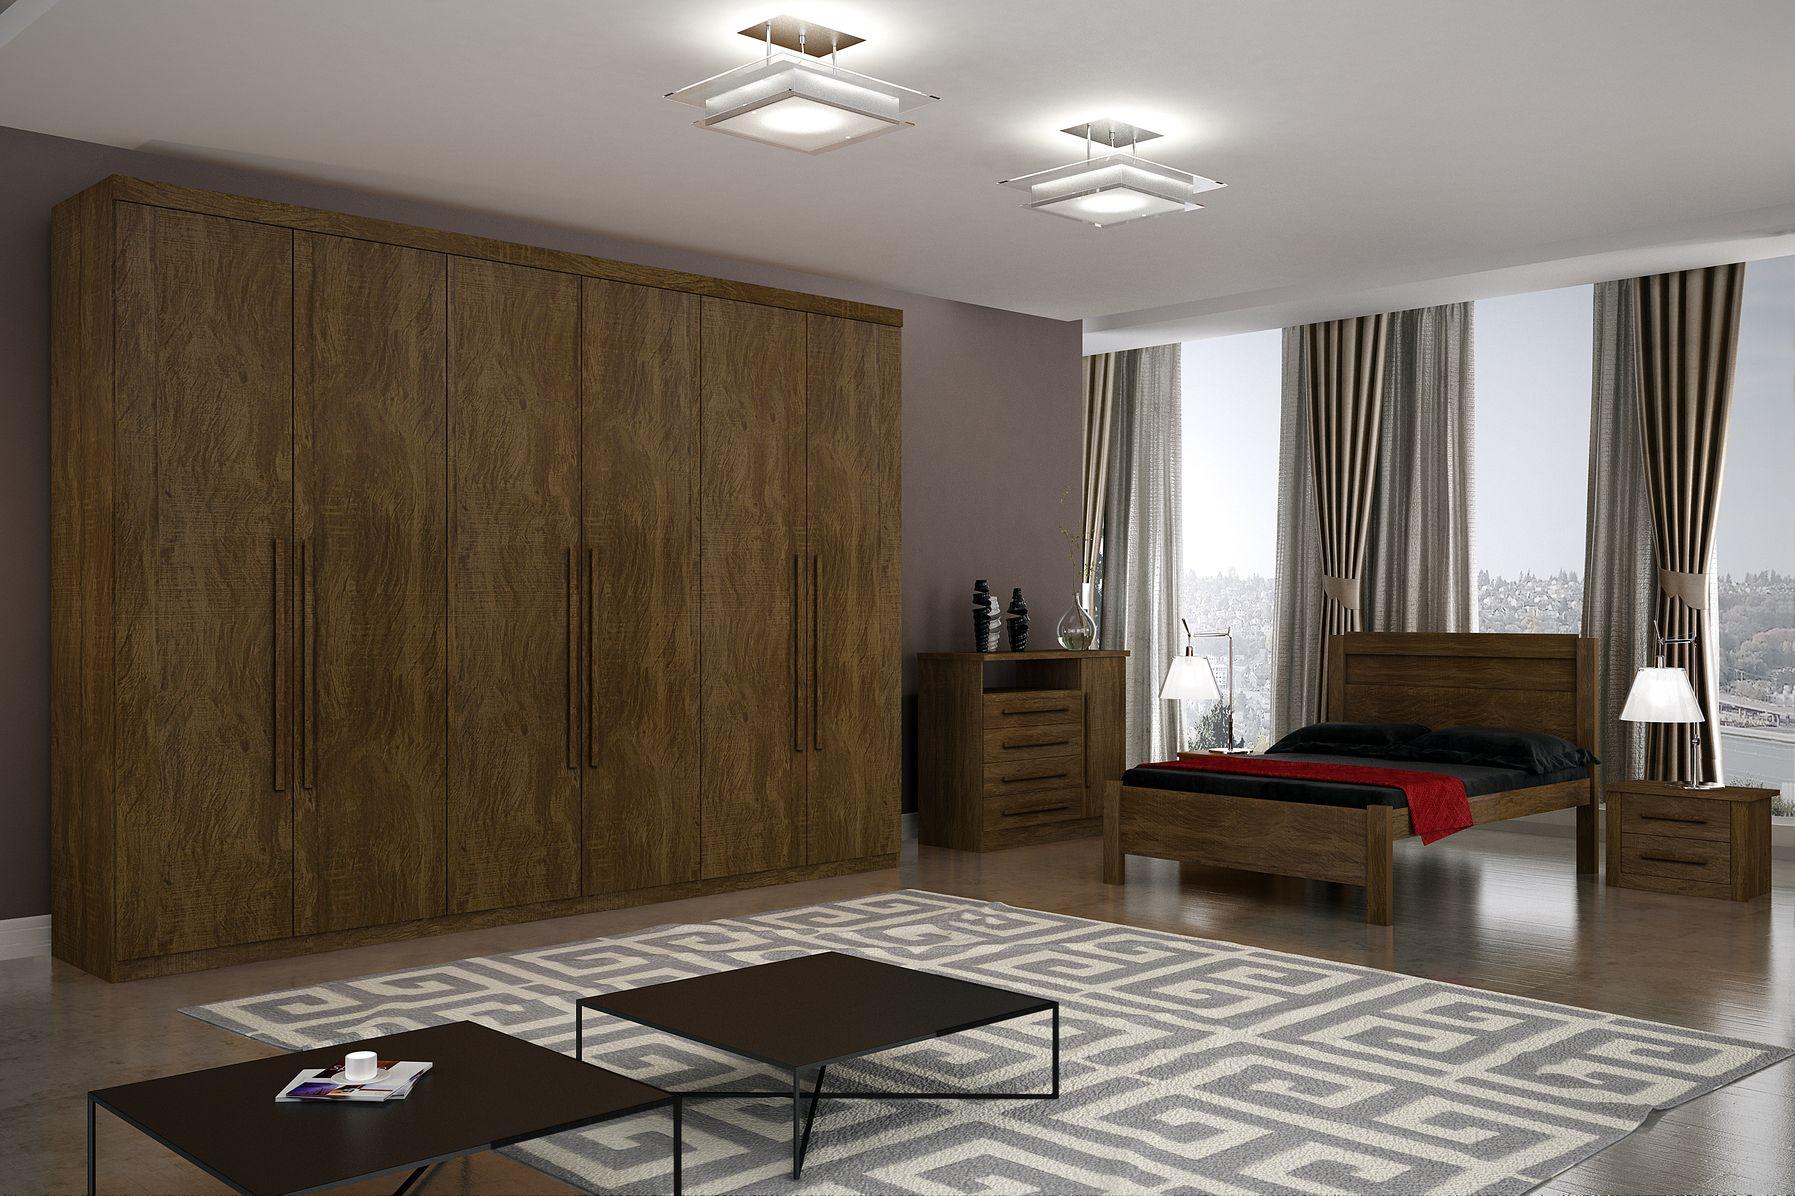 Roupeiro Sonata Plus 6 Portas Salleto Dormitório Quarto Novo